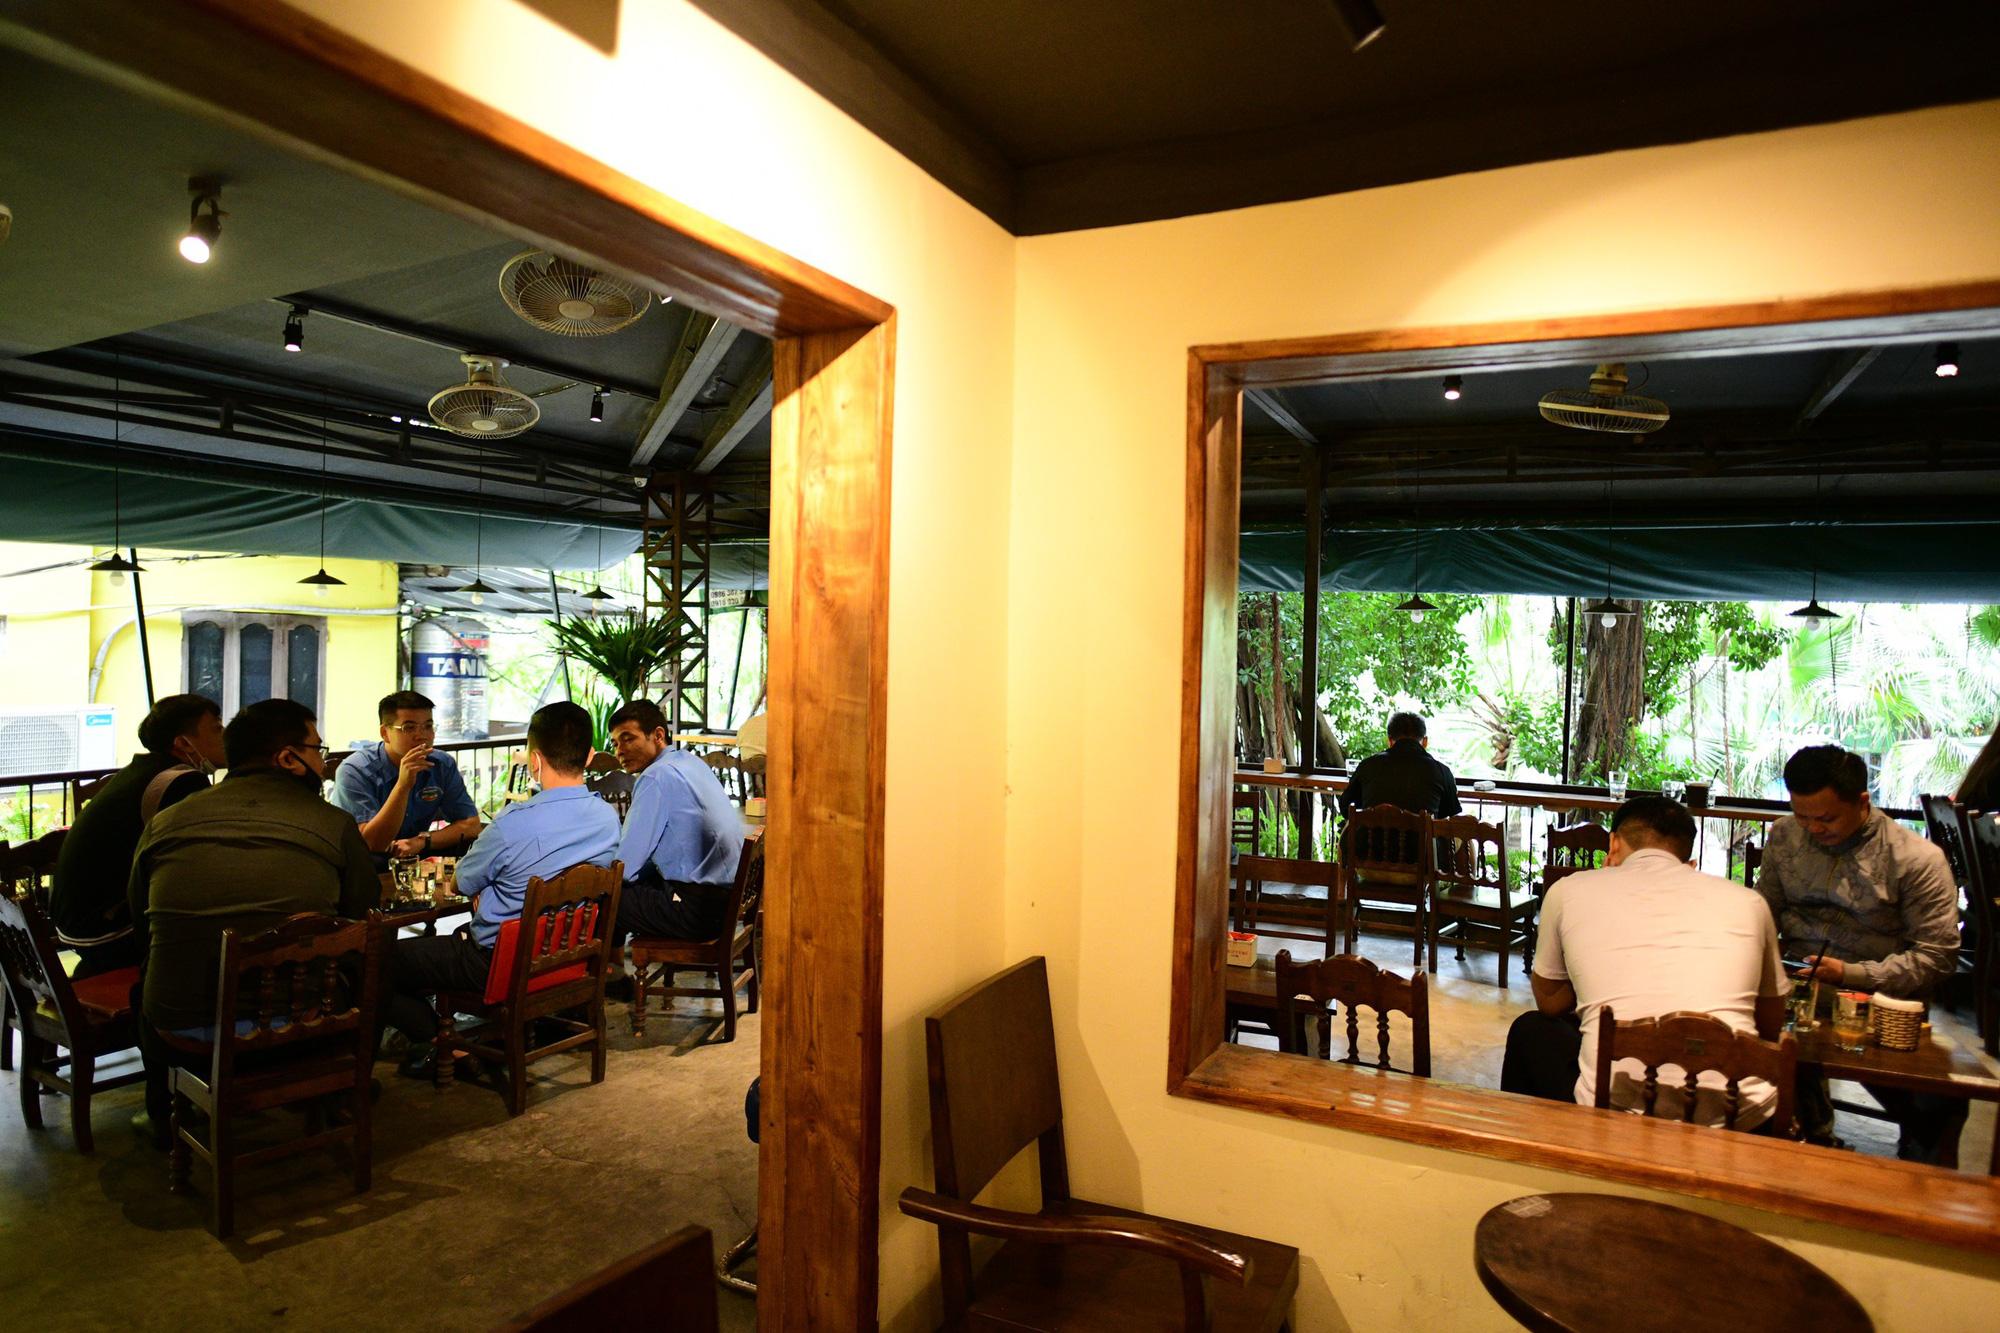 Quán cà phê ở Hà Nội đông nghịt khách ngày mở bán tại chỗ - Ảnh 9.